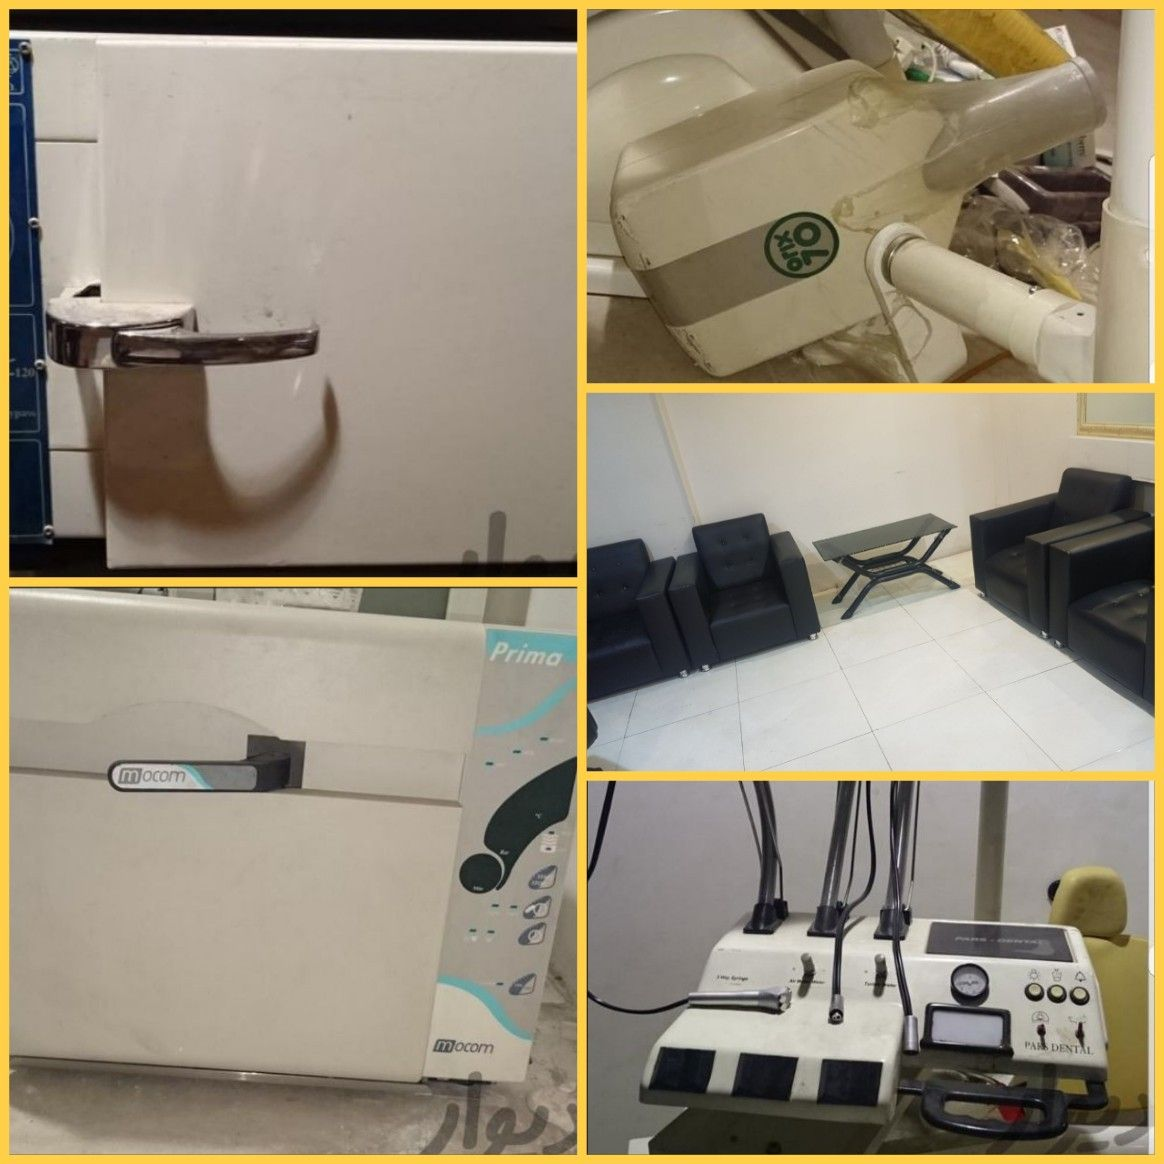 تهران: فروش تجهیزات مطب دندانپزشکی